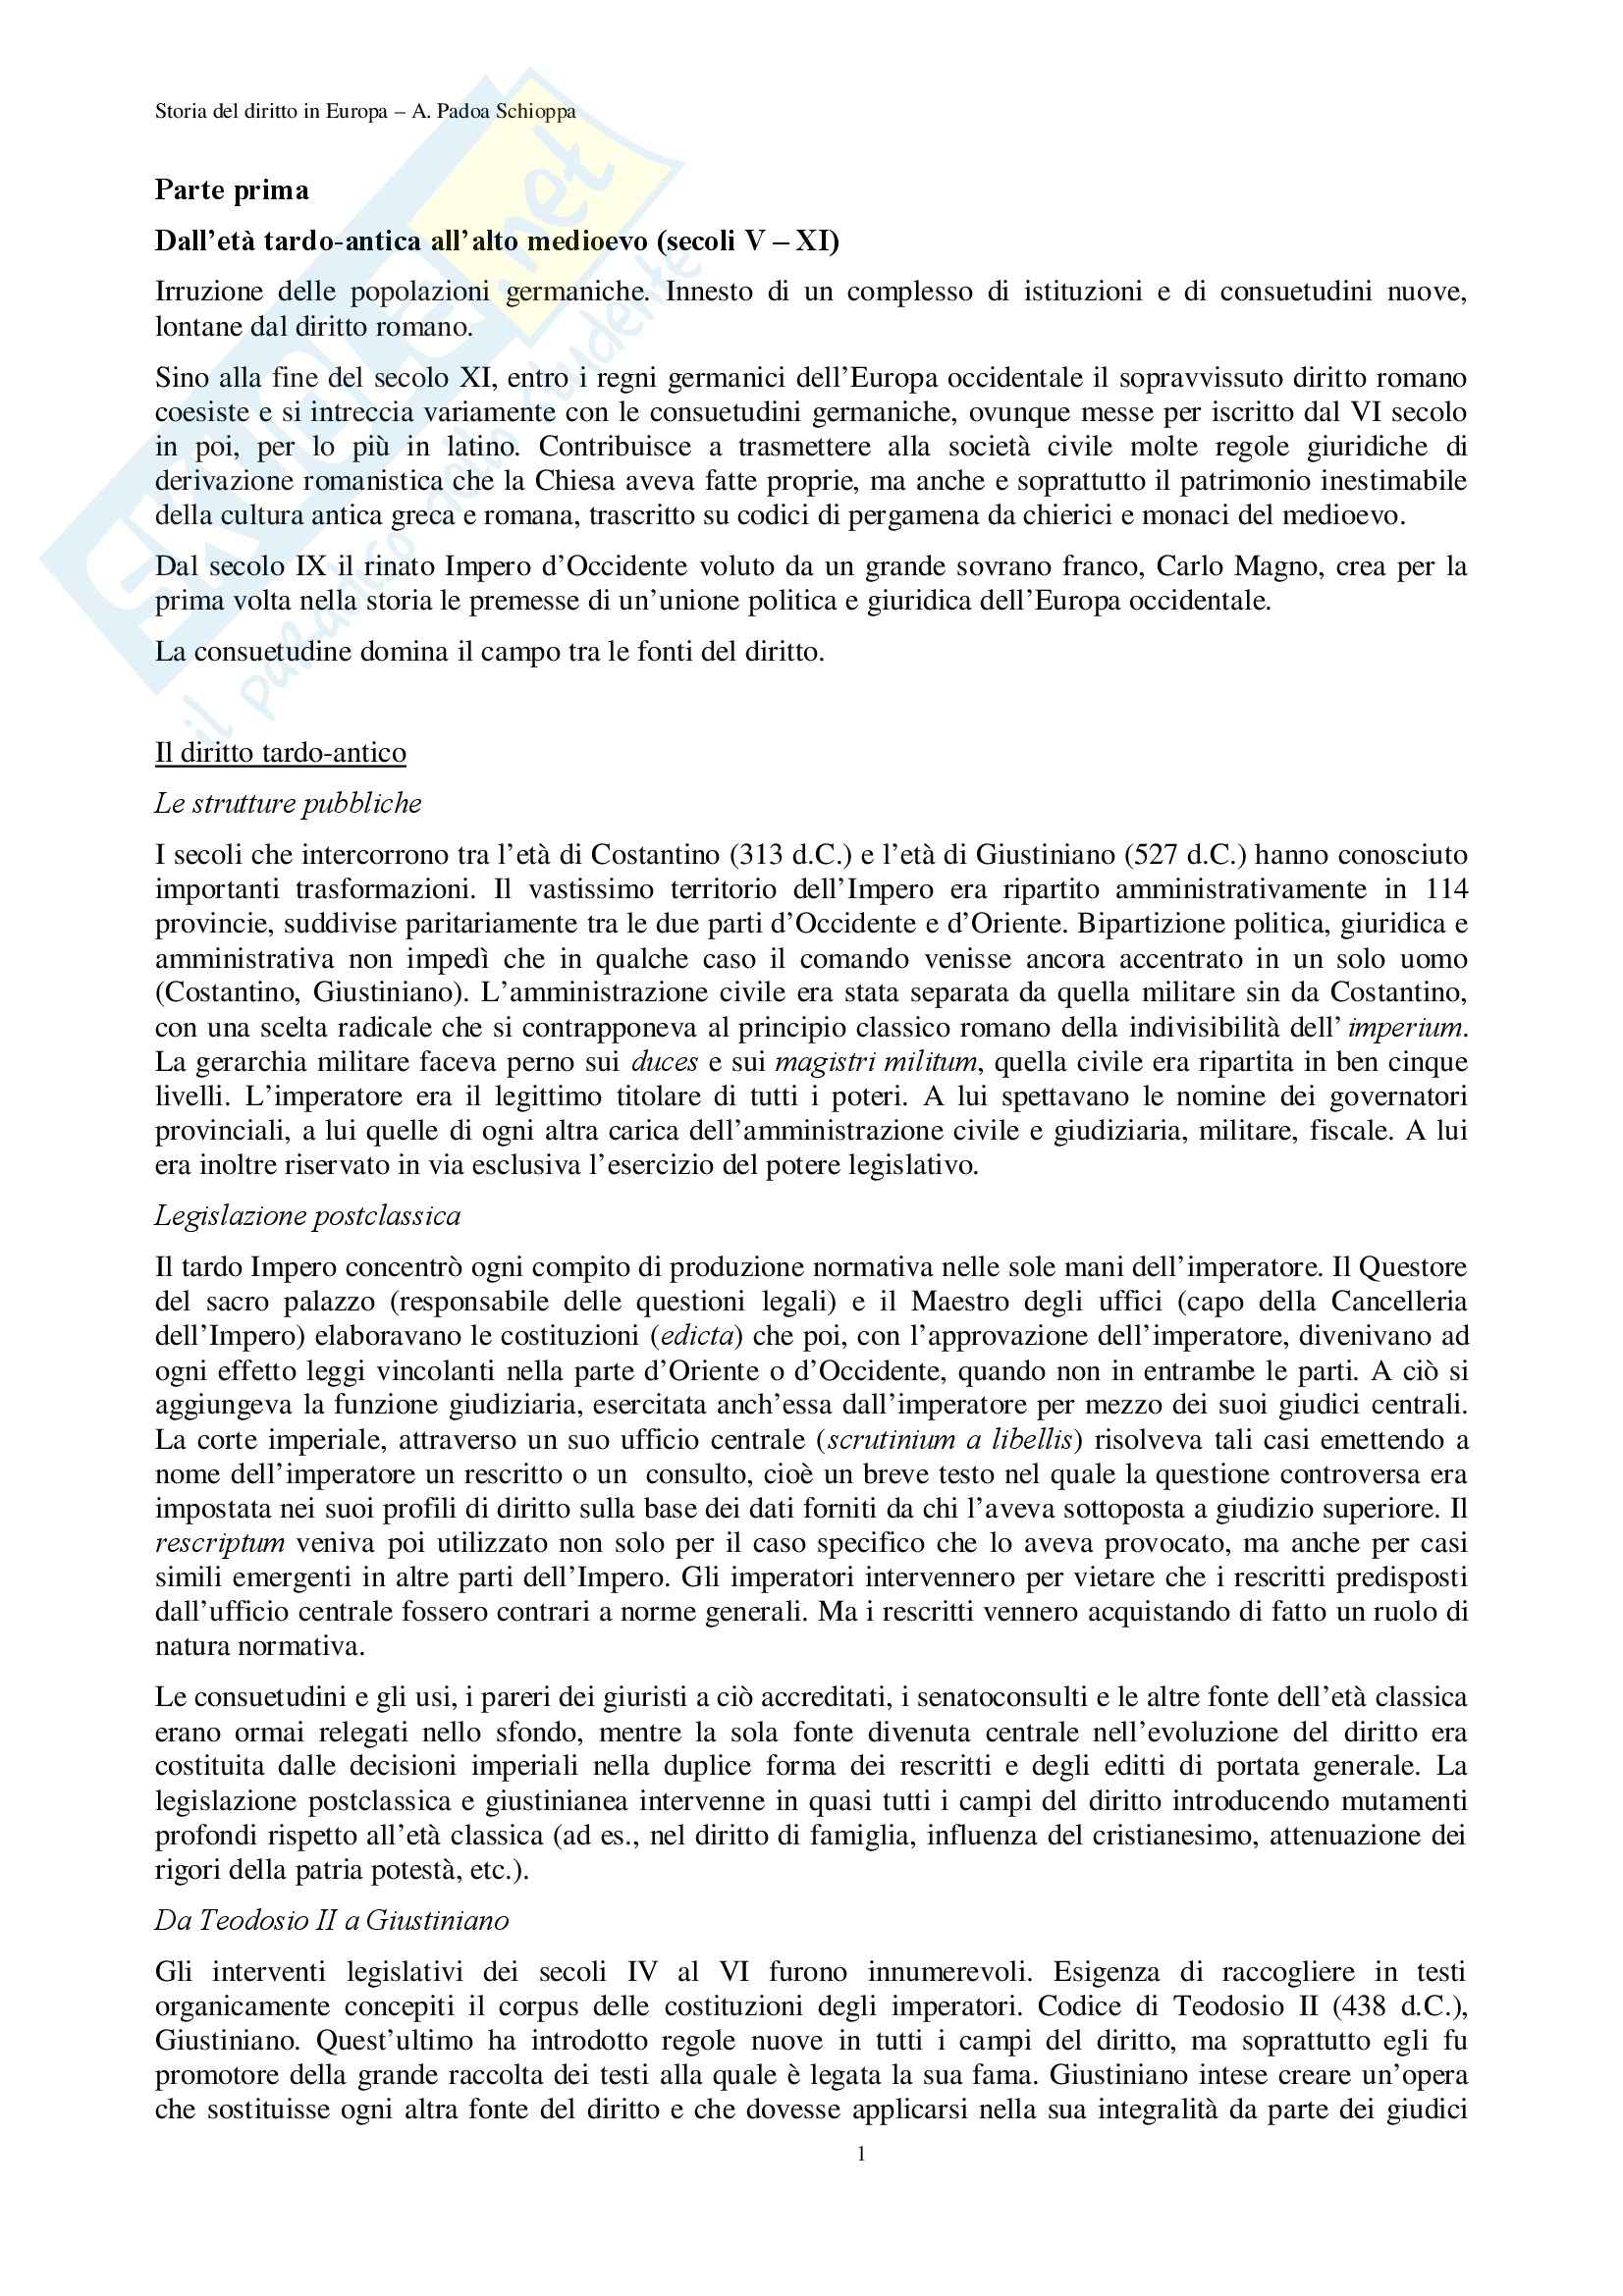 Storia del diritto medievale e moderno - Appunti